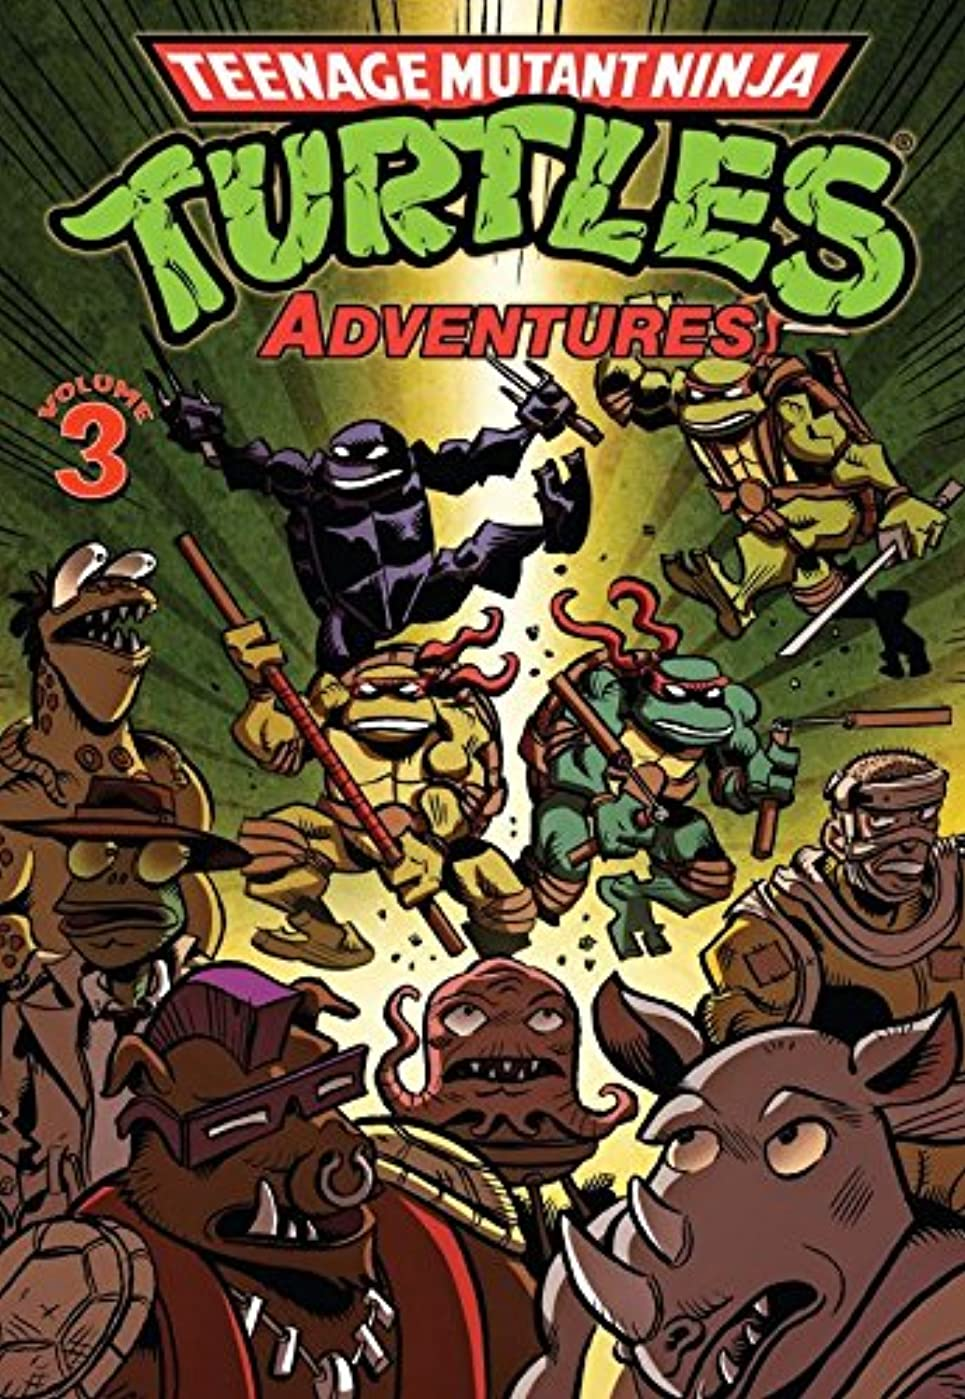 興味肖像画超えるTeenage Mutant Ninja Turtles Adventures Vol. 3 (English Edition)